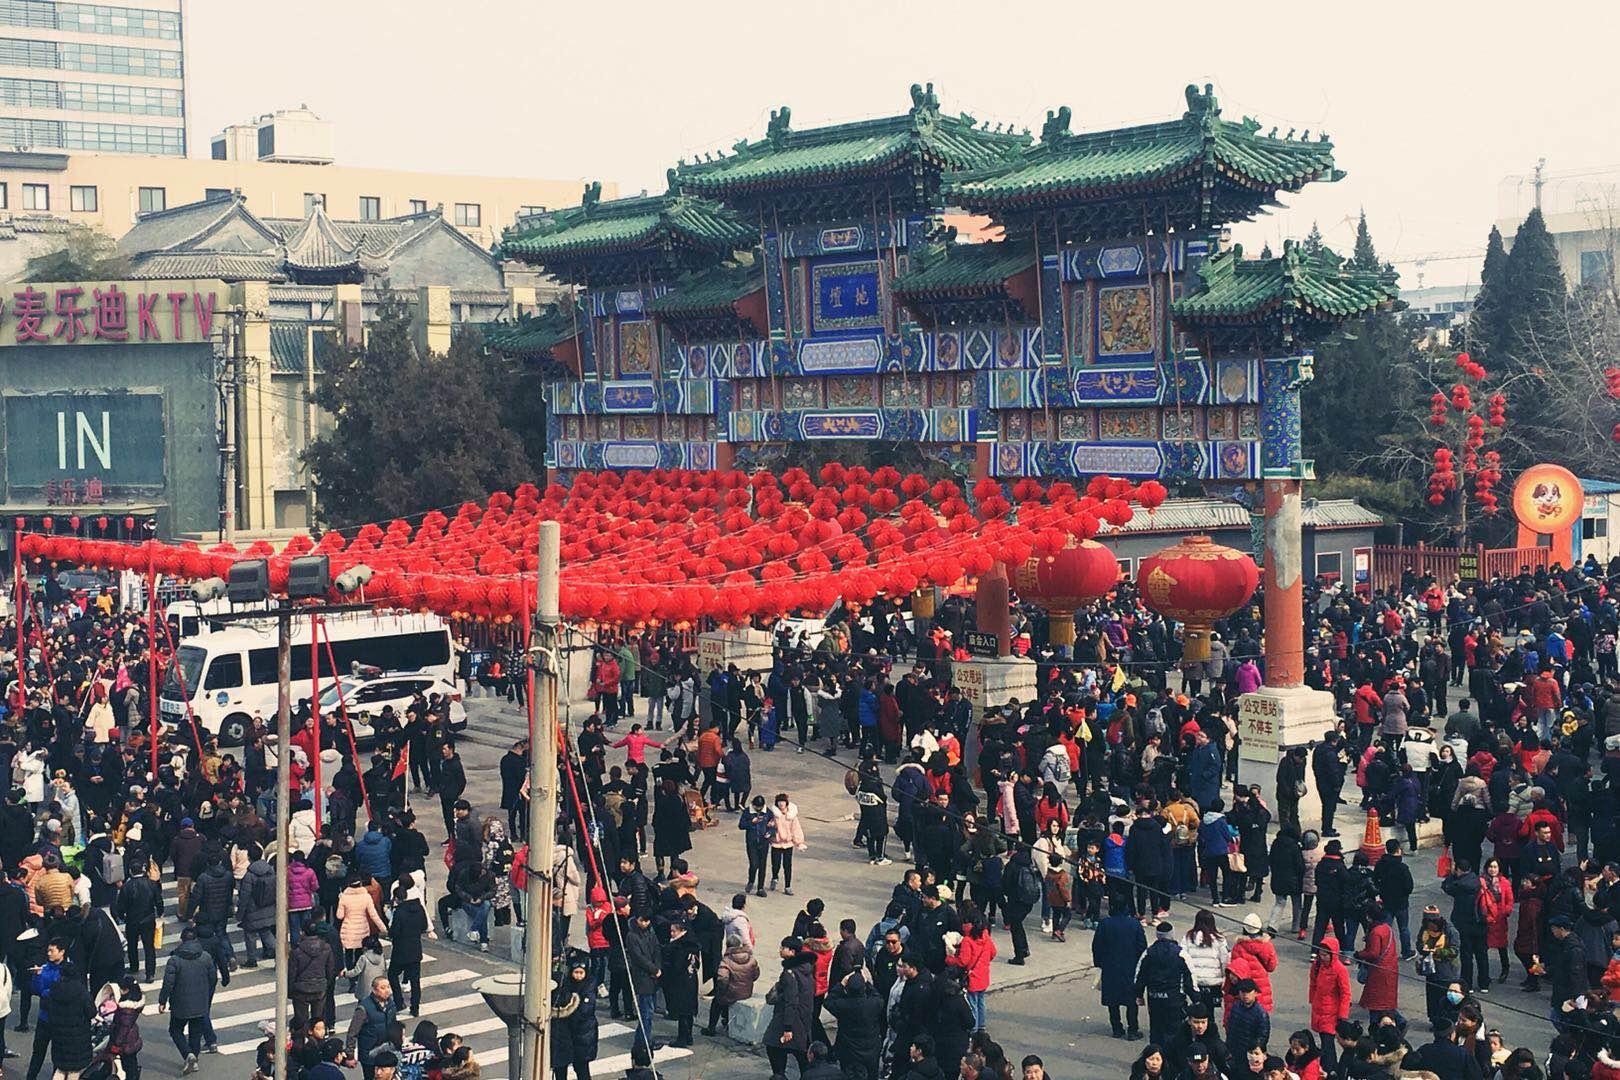 高清组图:欢乐过大年 北京春节庙会迎新春